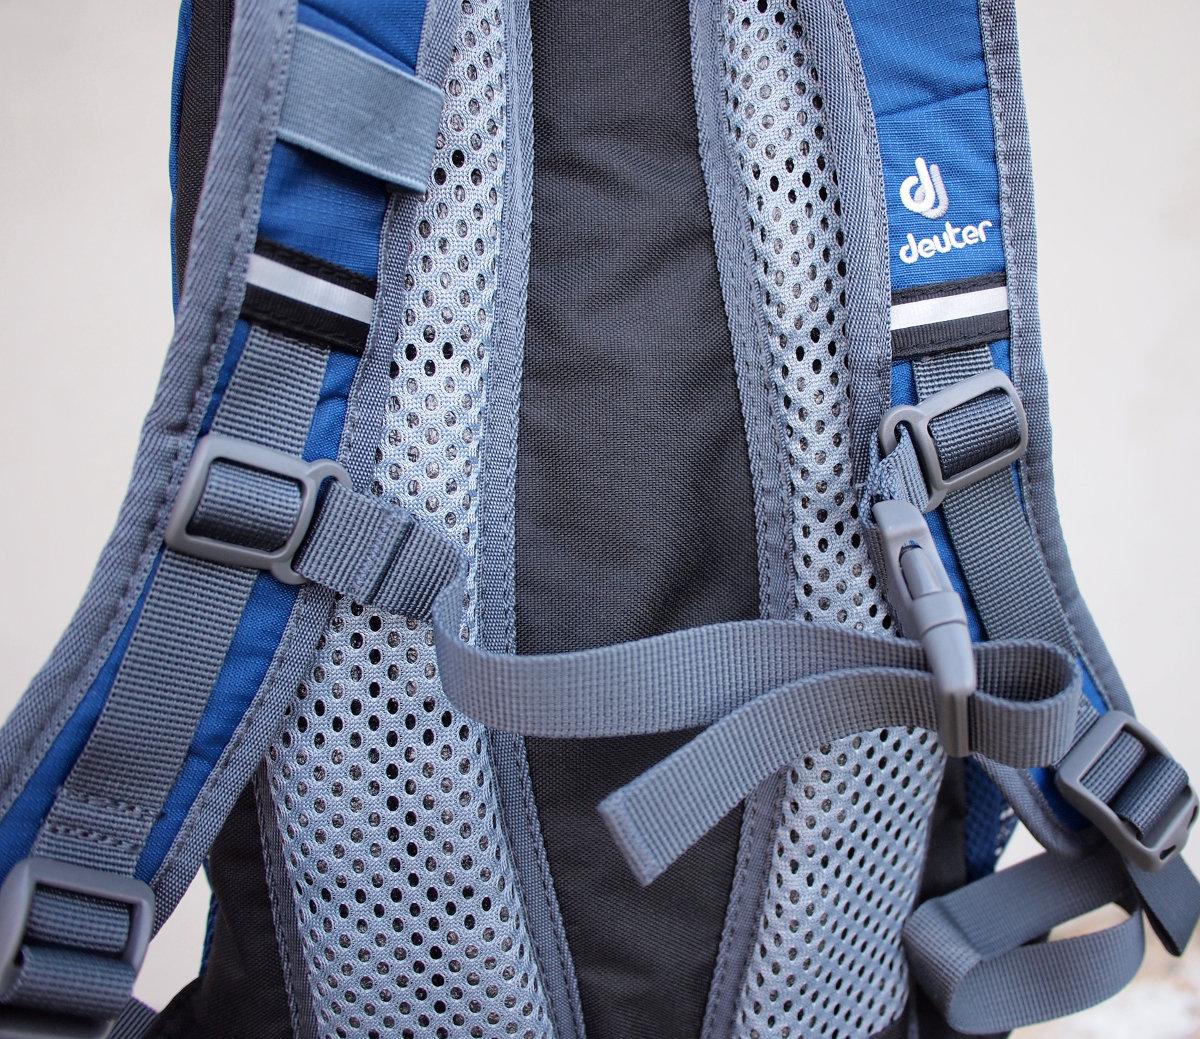 Kifejezetten gyermekek hátának és vállának megfelelő kialakítással, illetve jól szellőző Deuter Airstripes hátrendszer